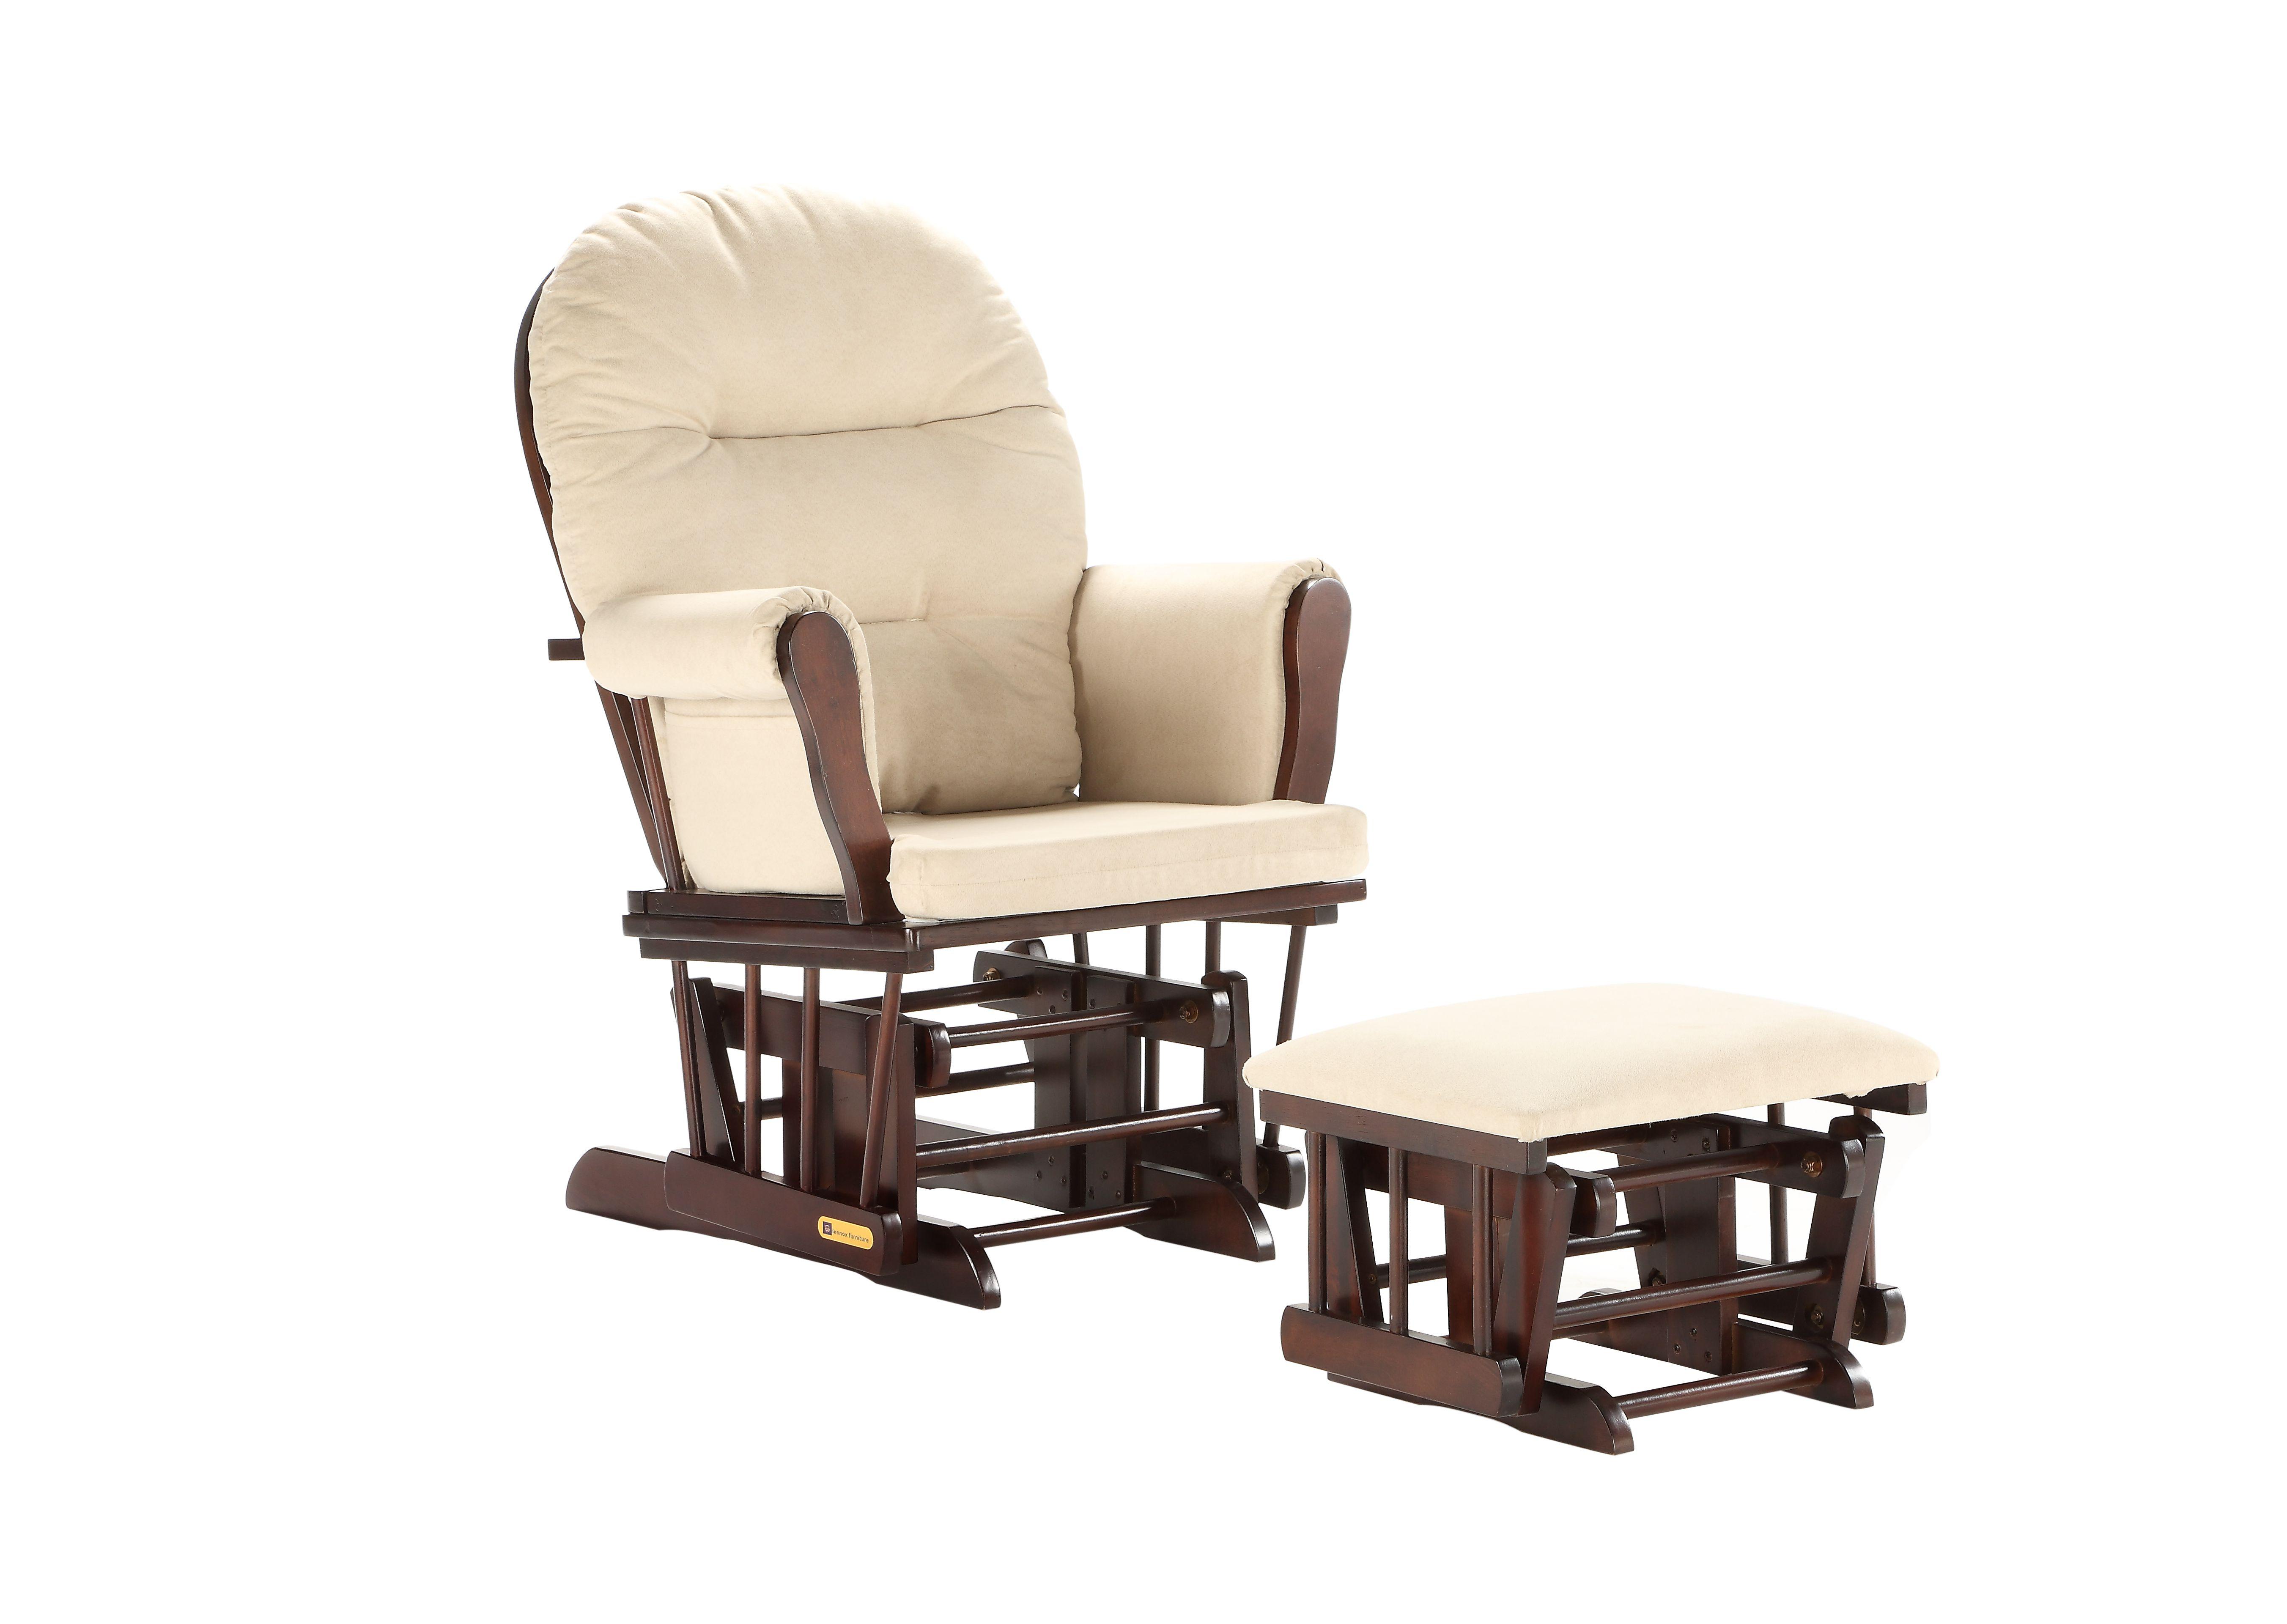 Glider Chair And Ottoman Combo Espresso Beige 7082cb 02 0182